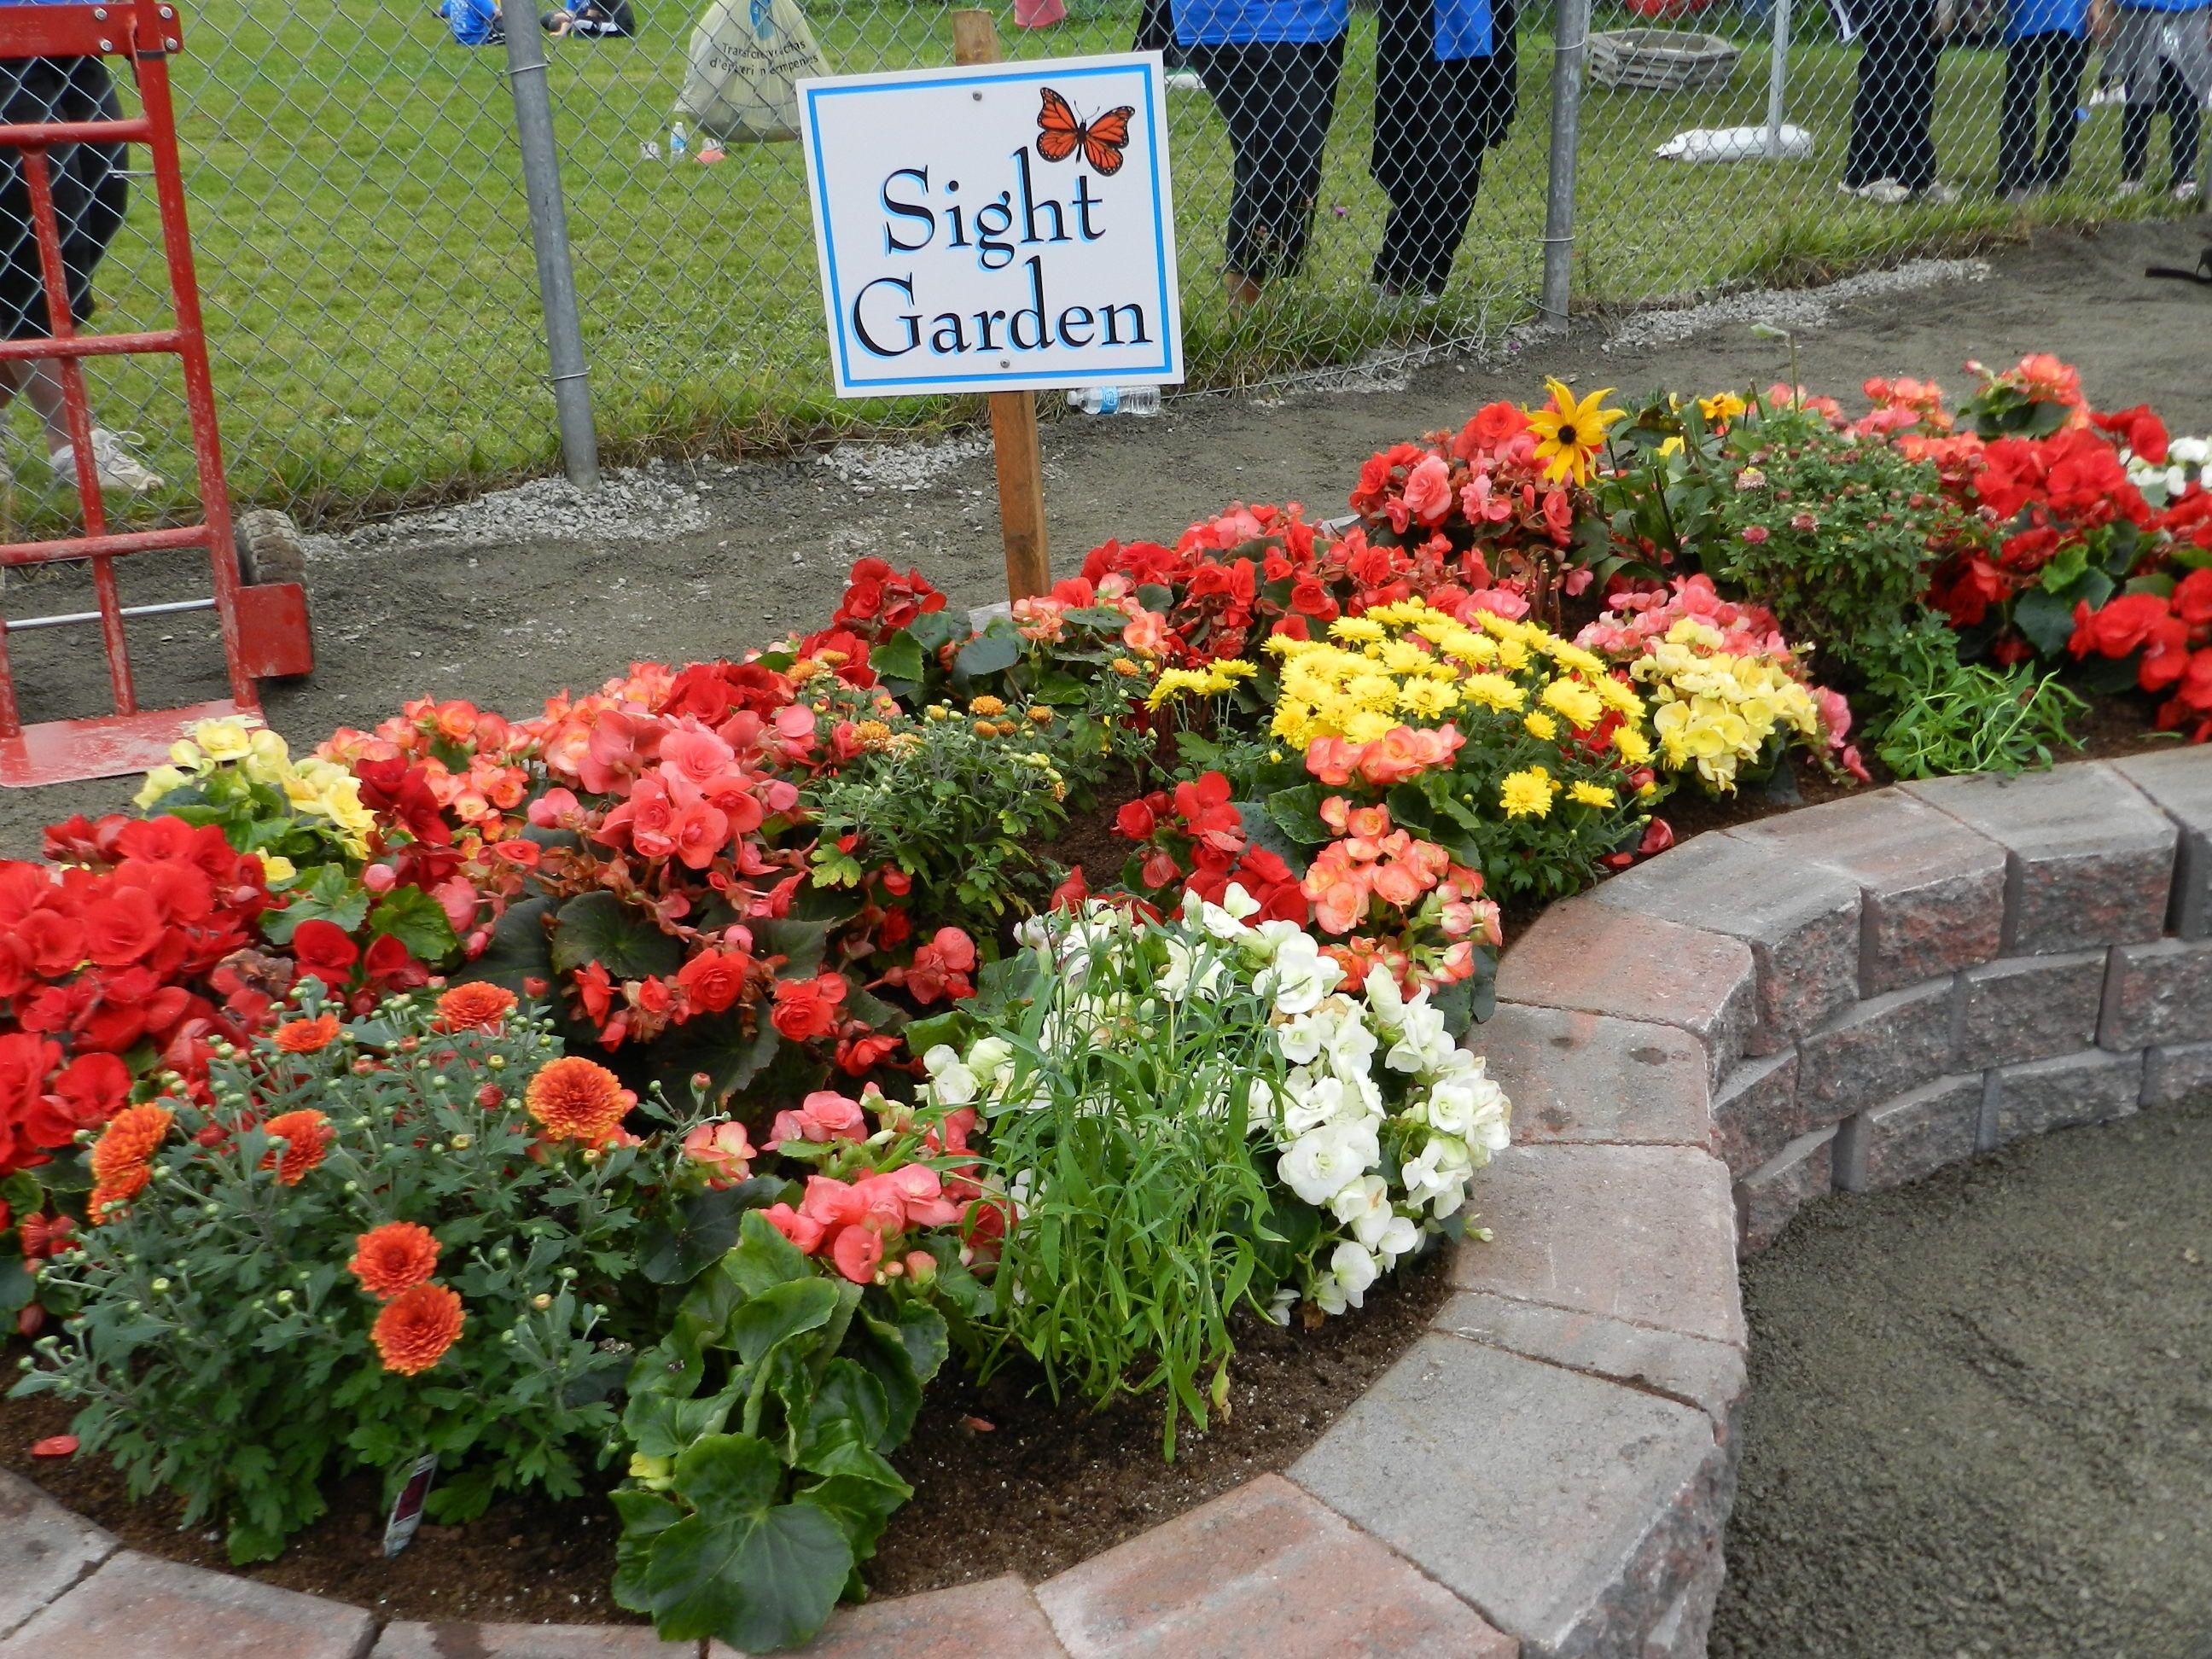 sensory garden ideas for children